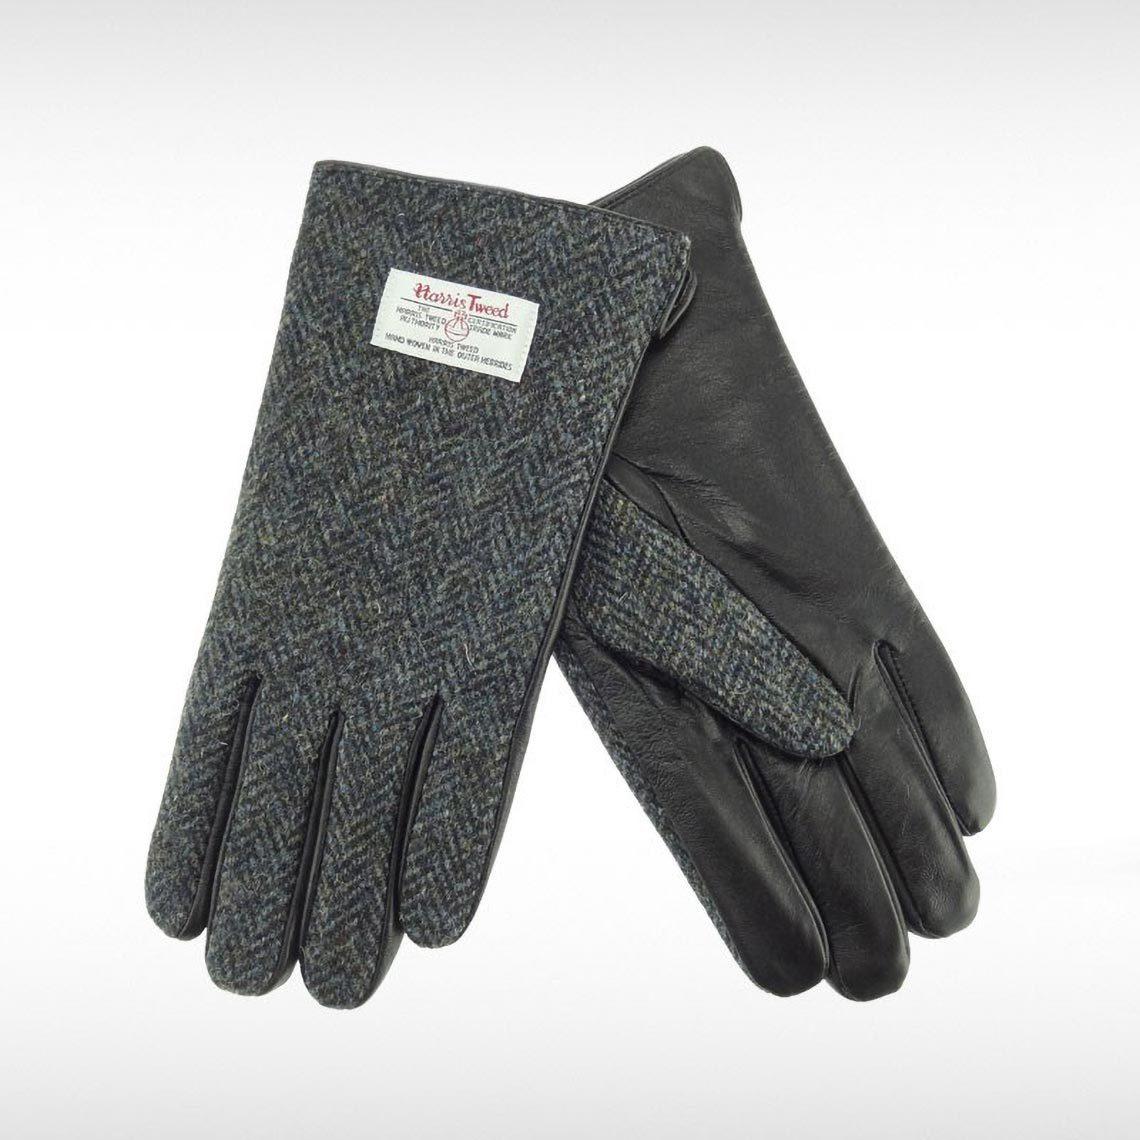 Harris Tweed Charcoal Herringbone Gents Gloves